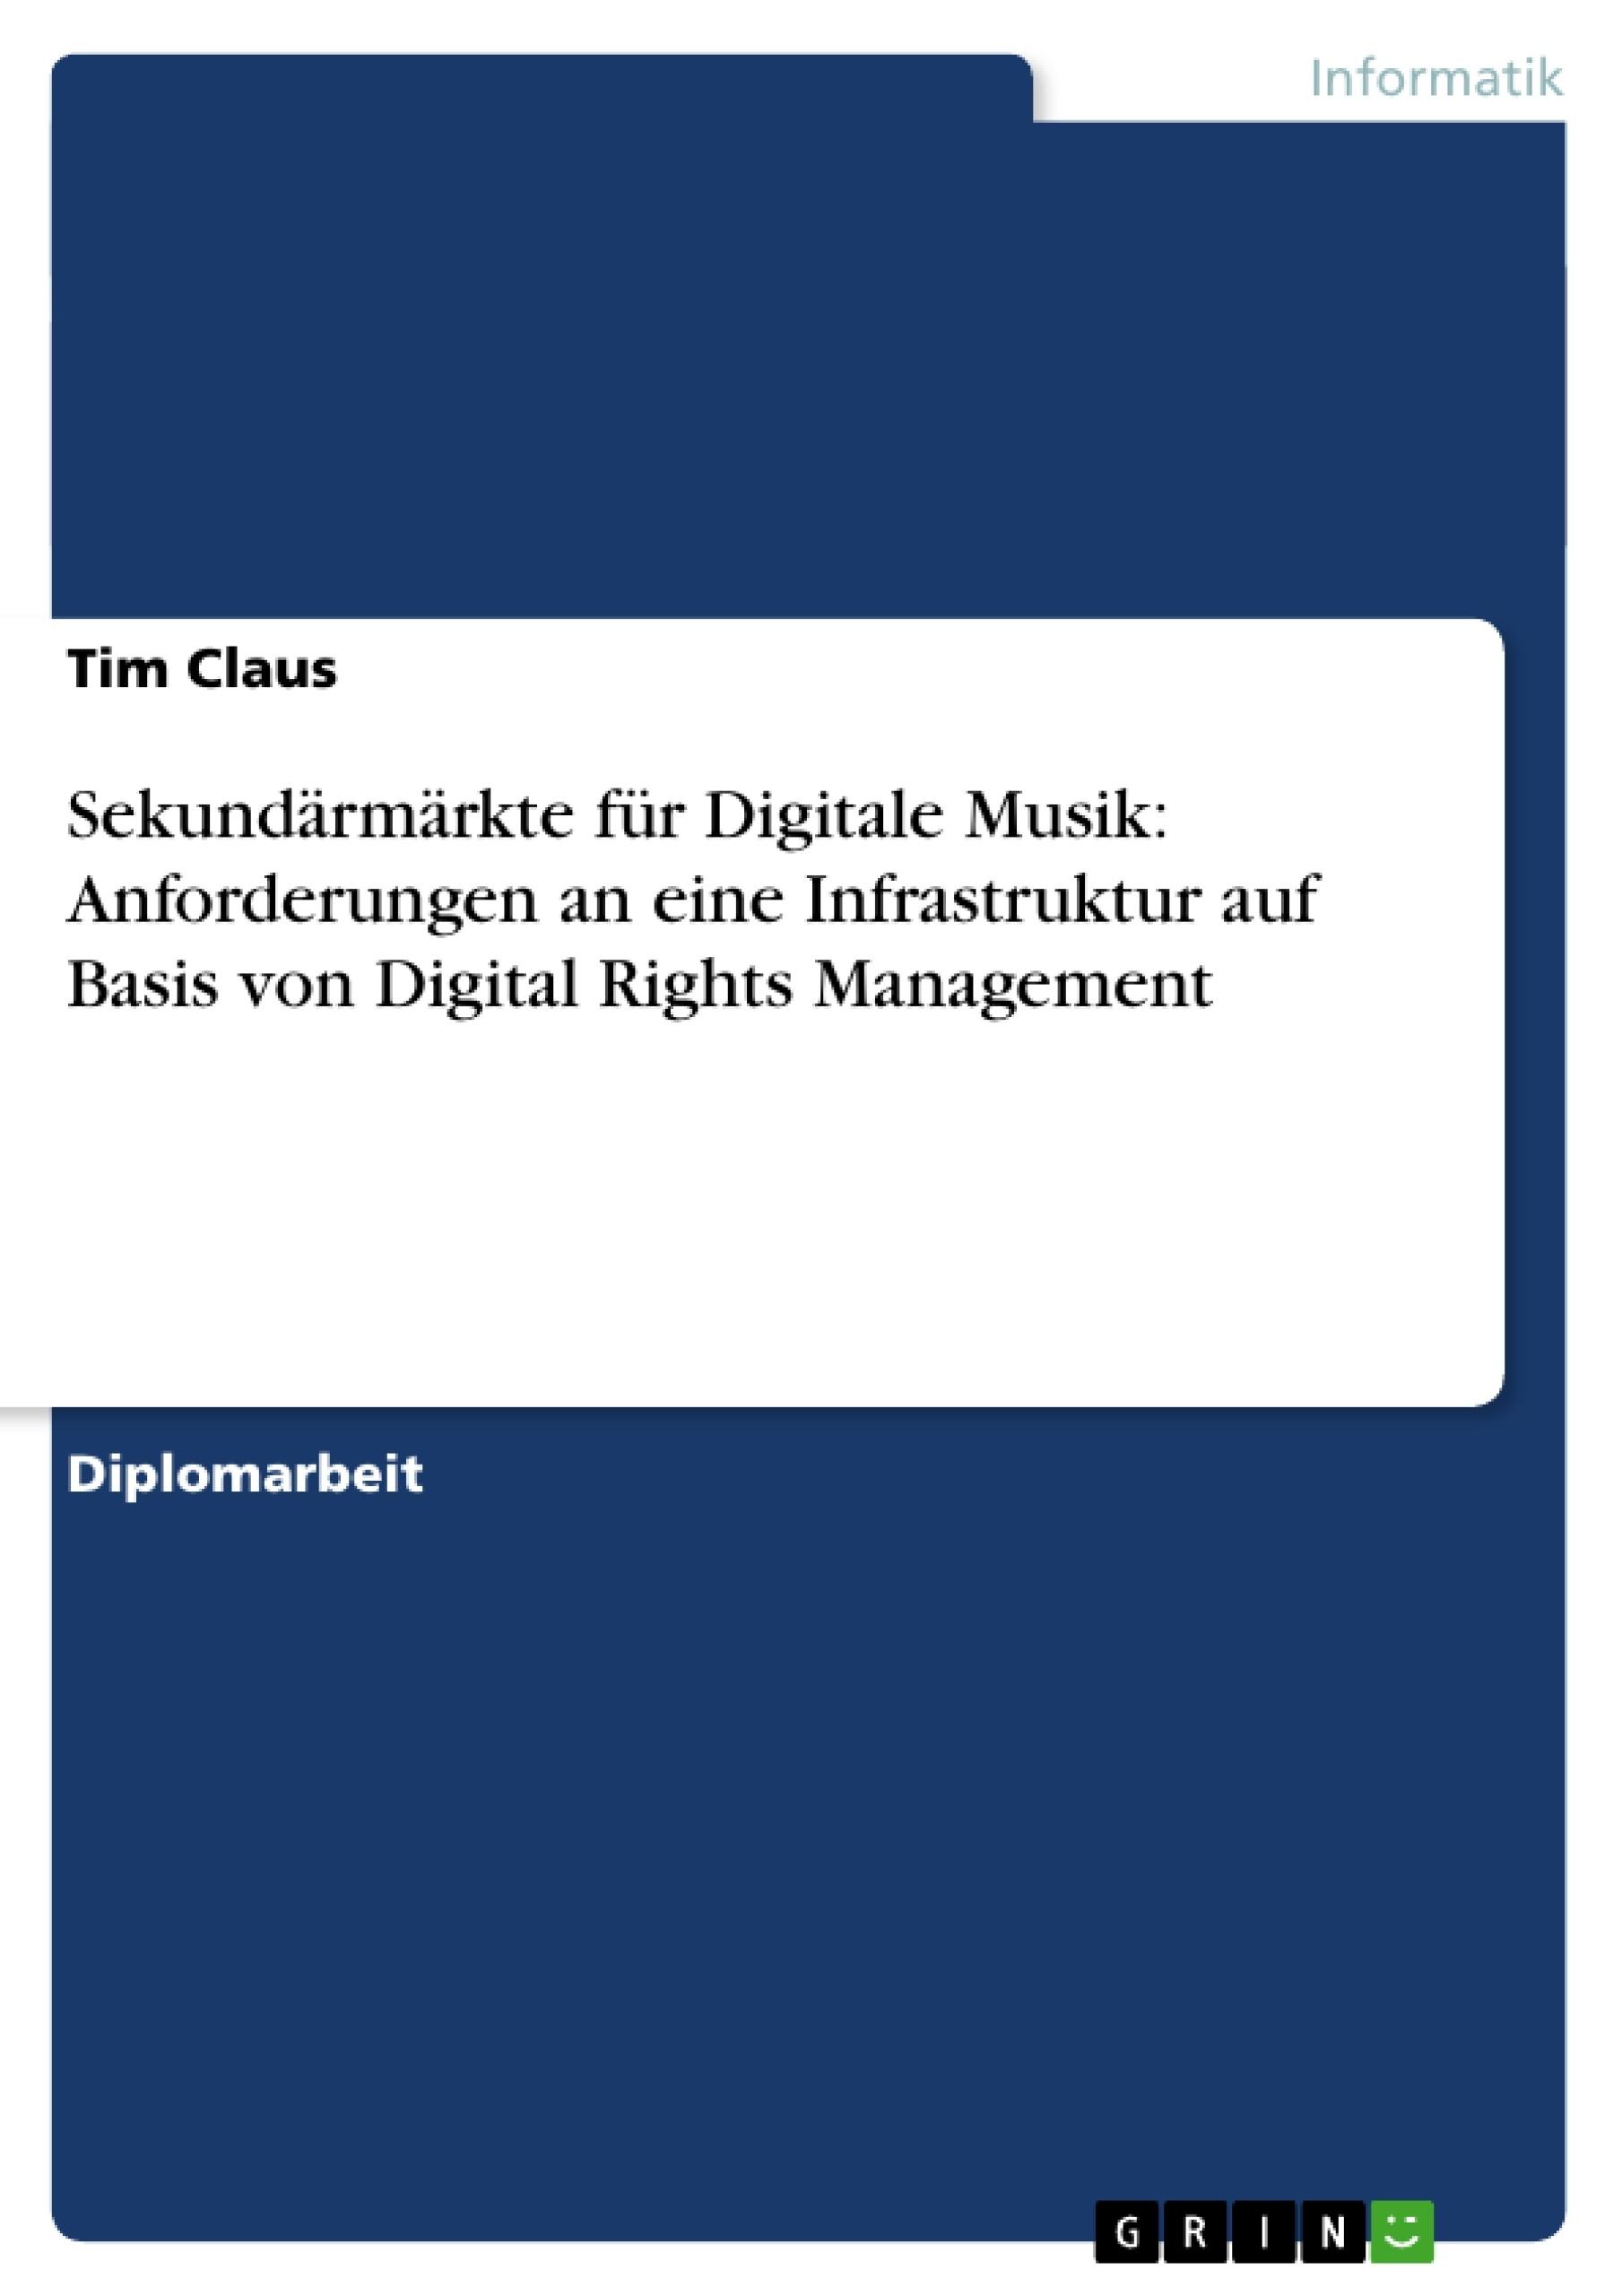 Titel: Sekundärmärkte für Digitale Musik: Anforderungen an eine Infrastruktur auf Basis von Digital Rights Management